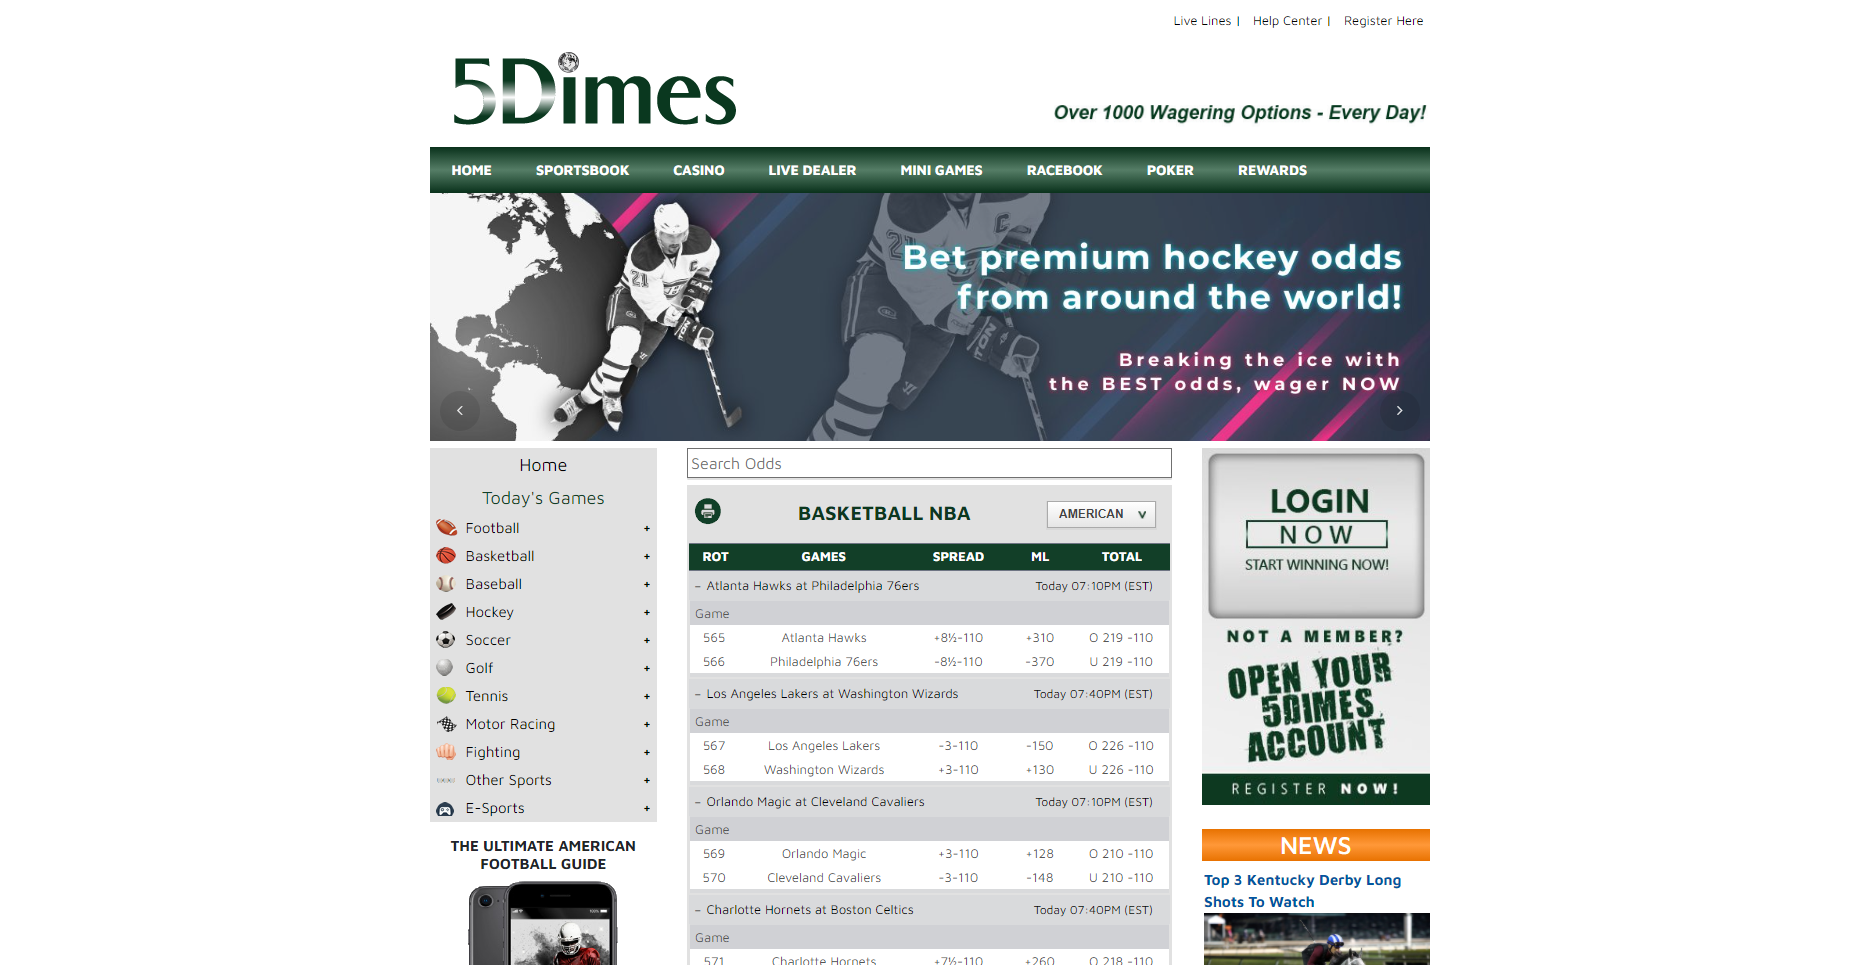 Лайв-ставки в букмекерской конторе 5Dimes